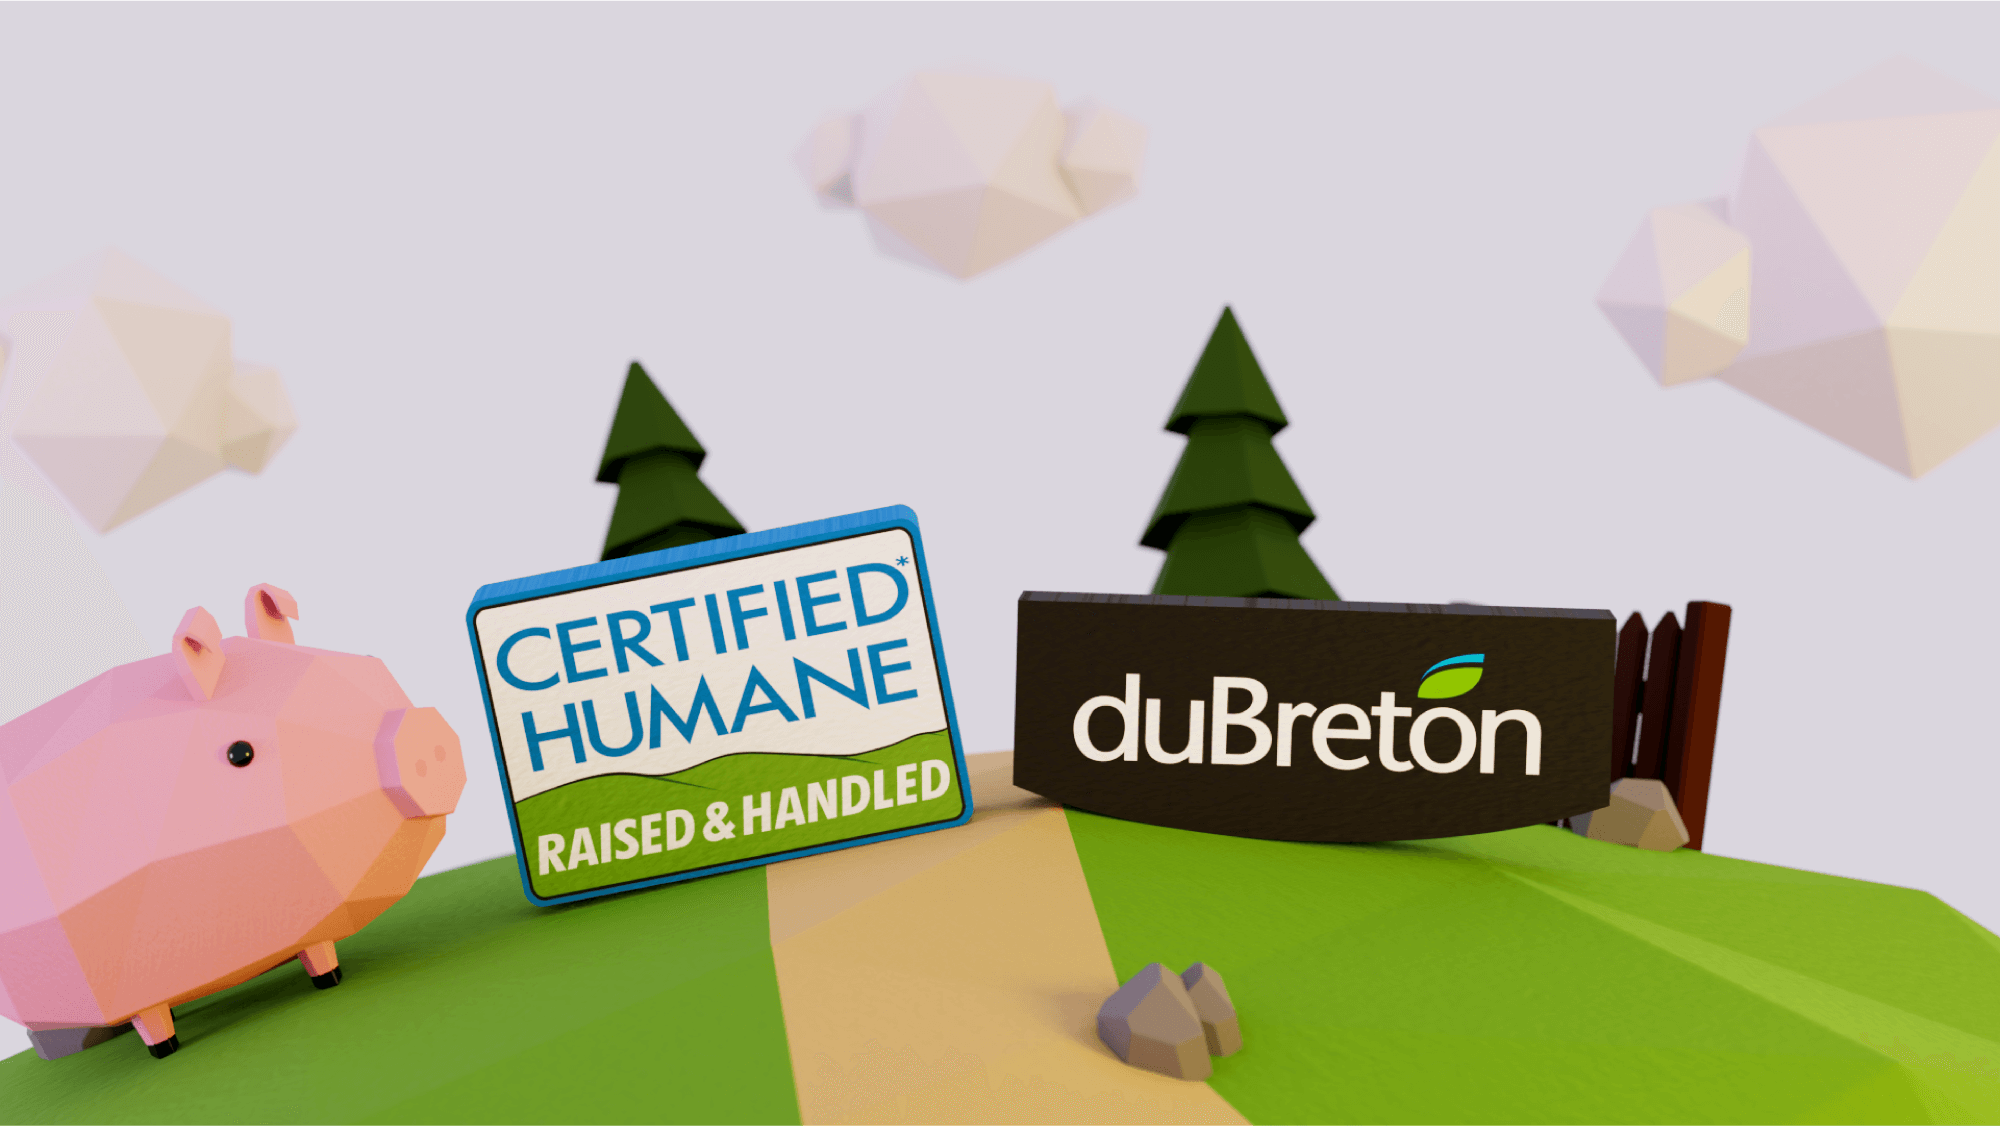 duBreton Certified Humane